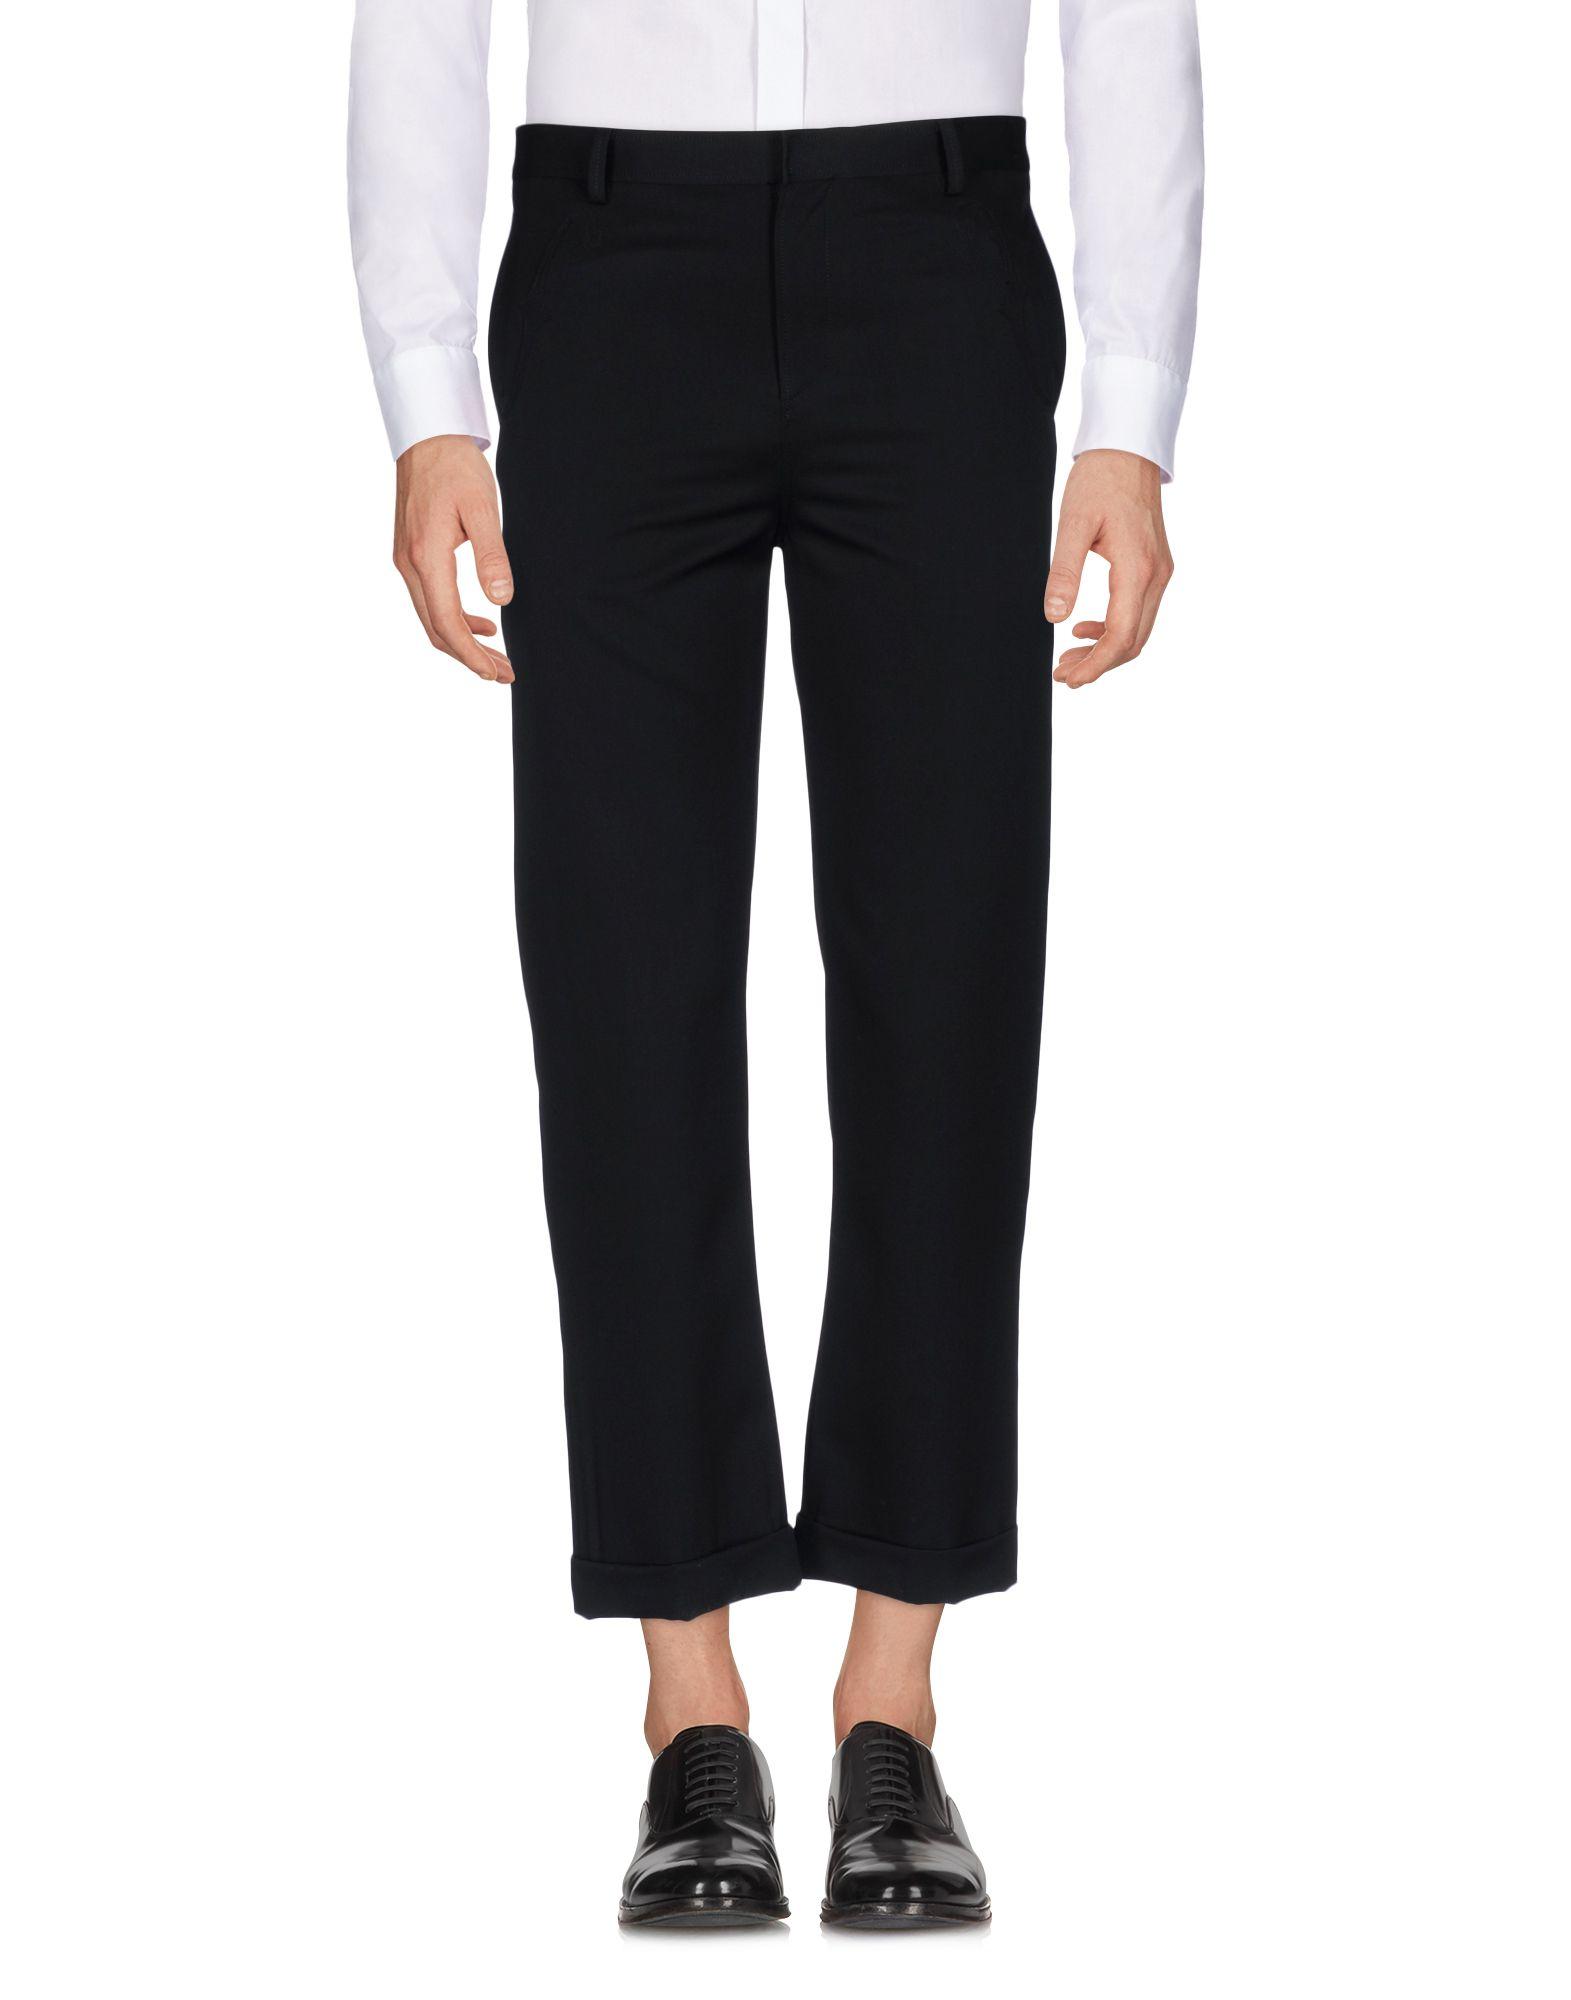 Pantalone Undercover Uomo - Acquista online su